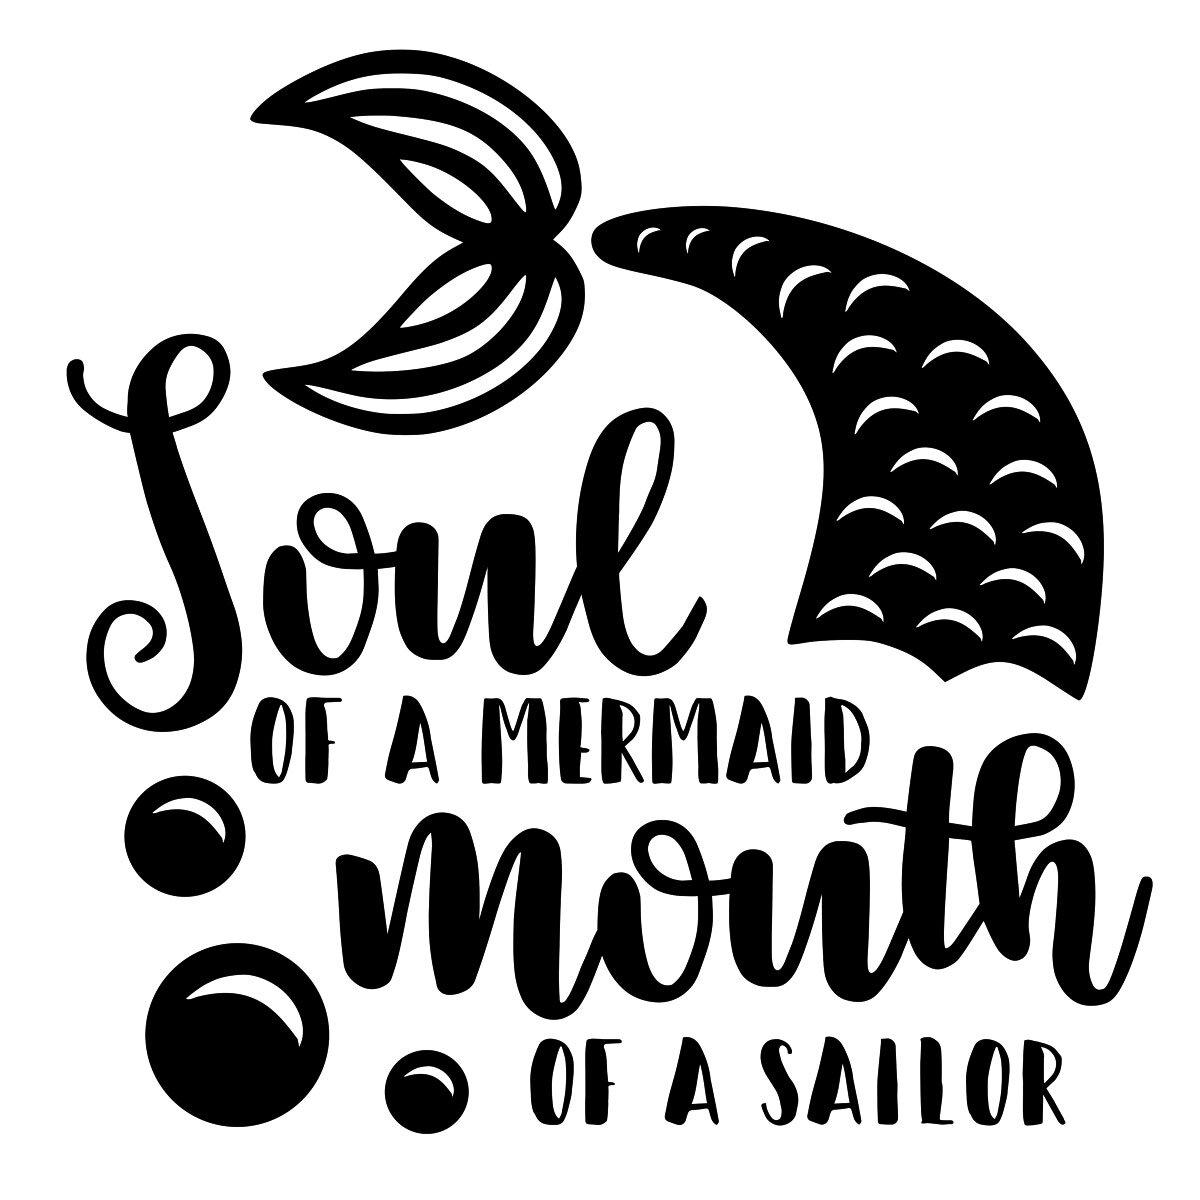 S13   Soul of a Mermaid